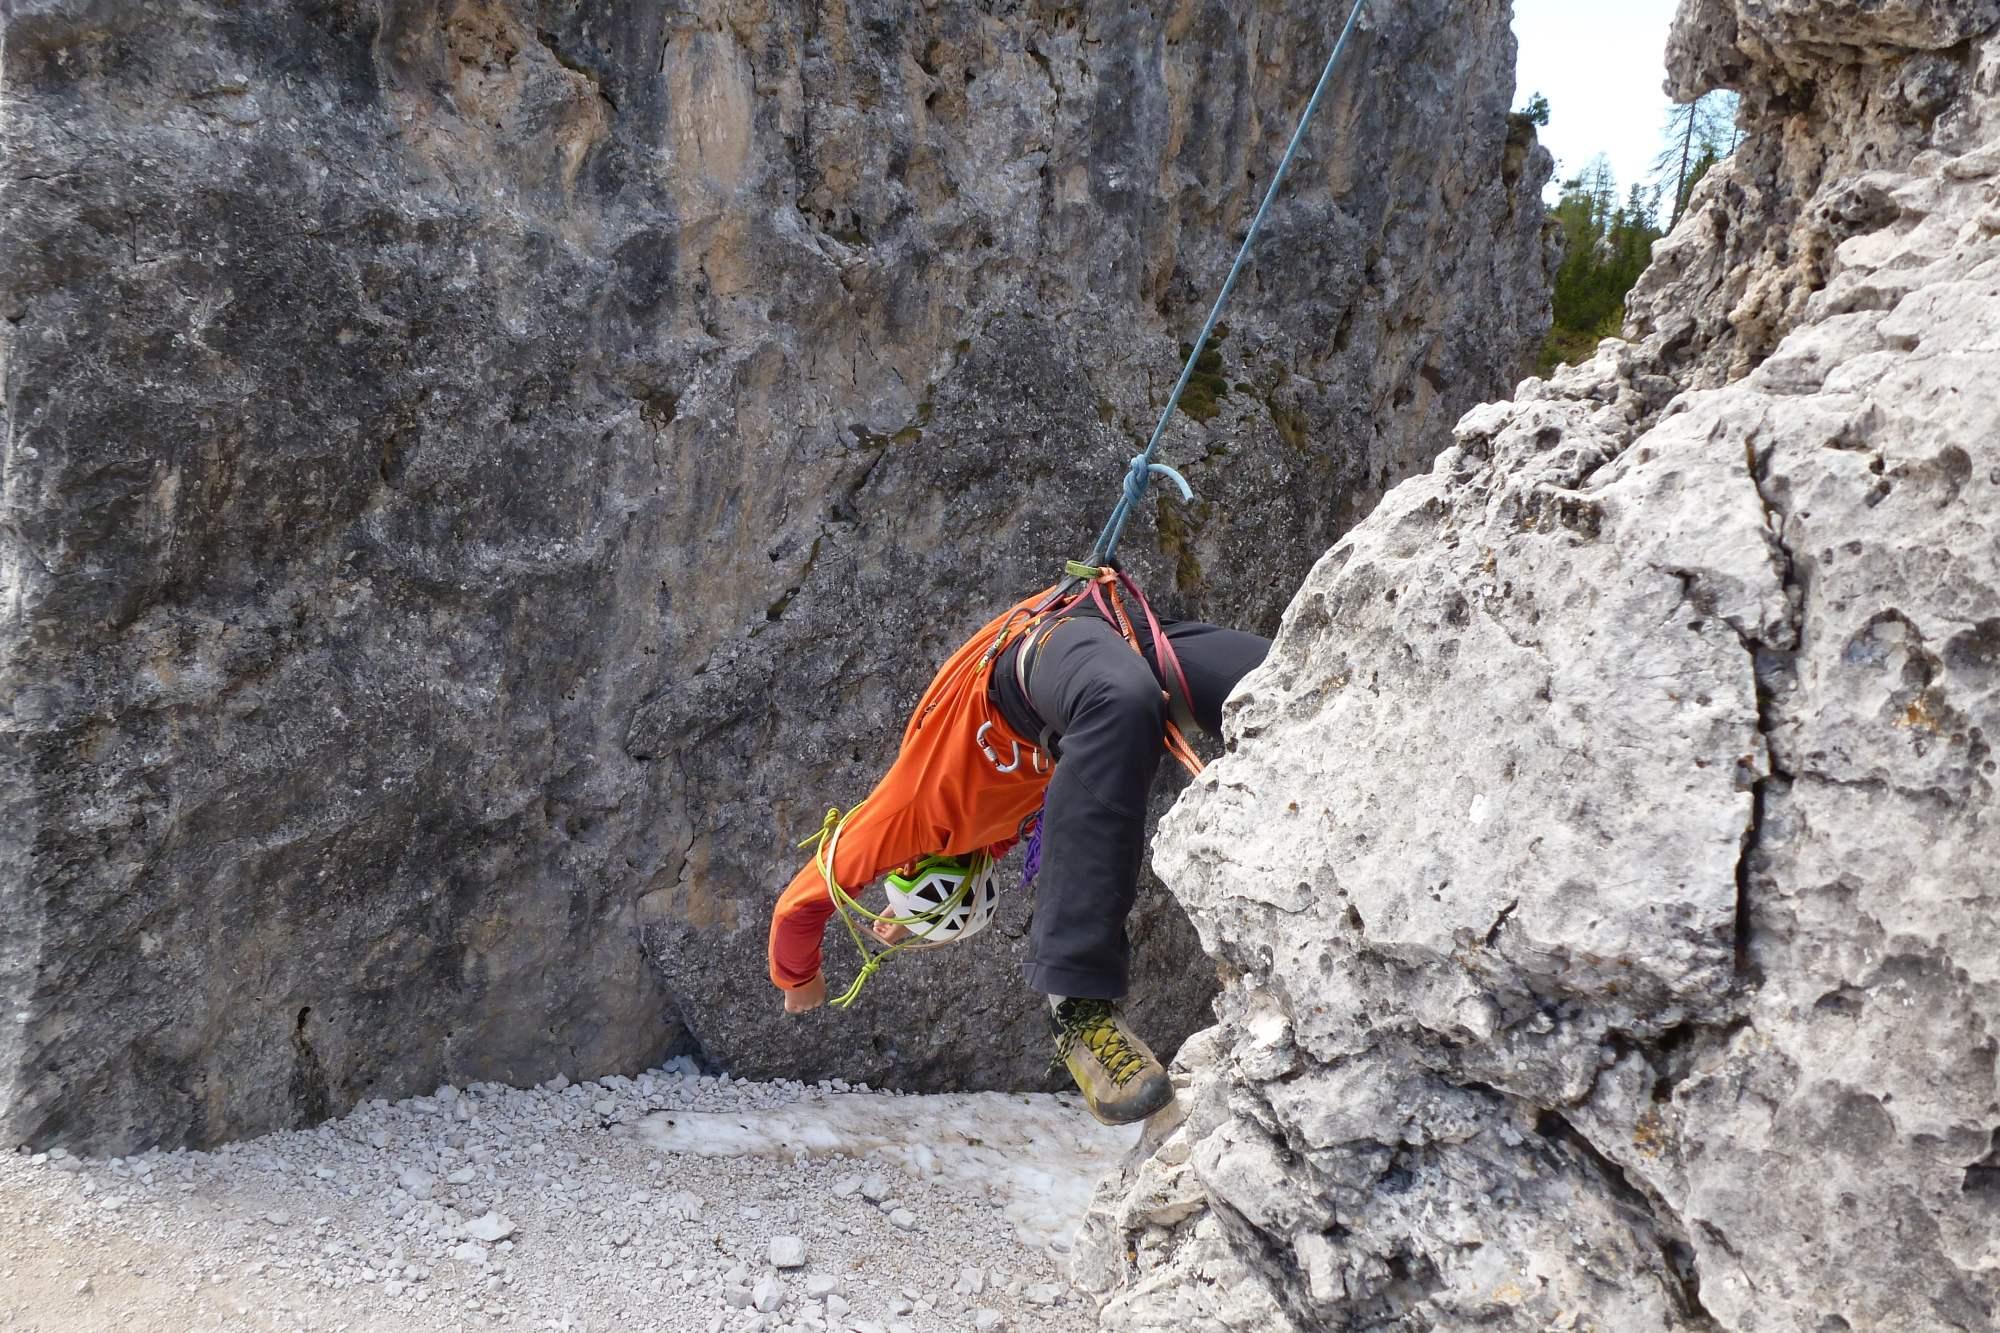 Bergsteigertipp: Notfall auf alpiner Tour